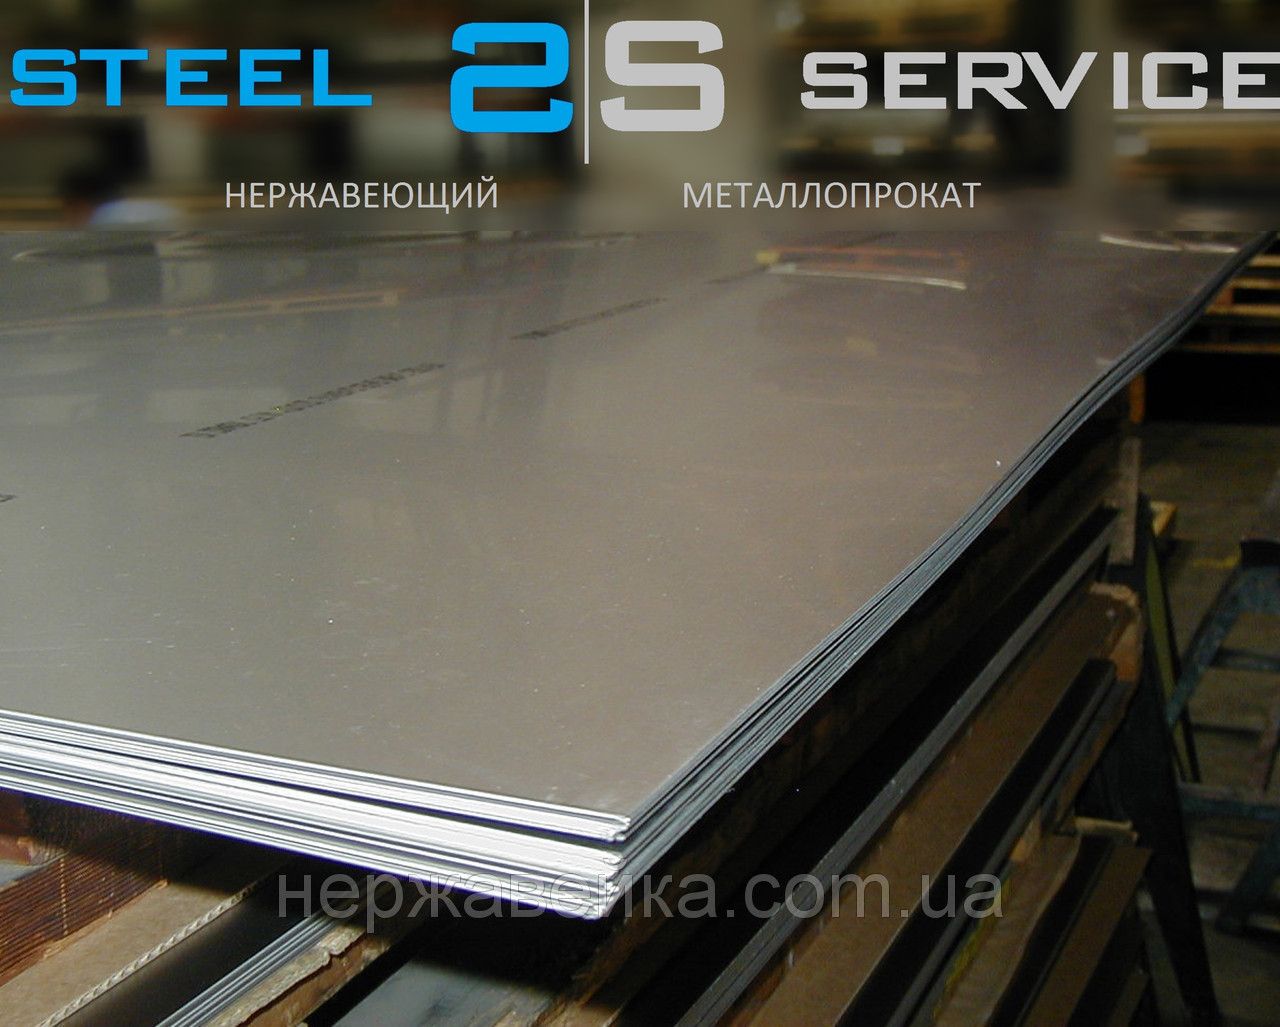 Нержавеющий лист 3х1250х2500мм  AISI 304(08Х18Н10) 4N - шлифованный,  пищевой